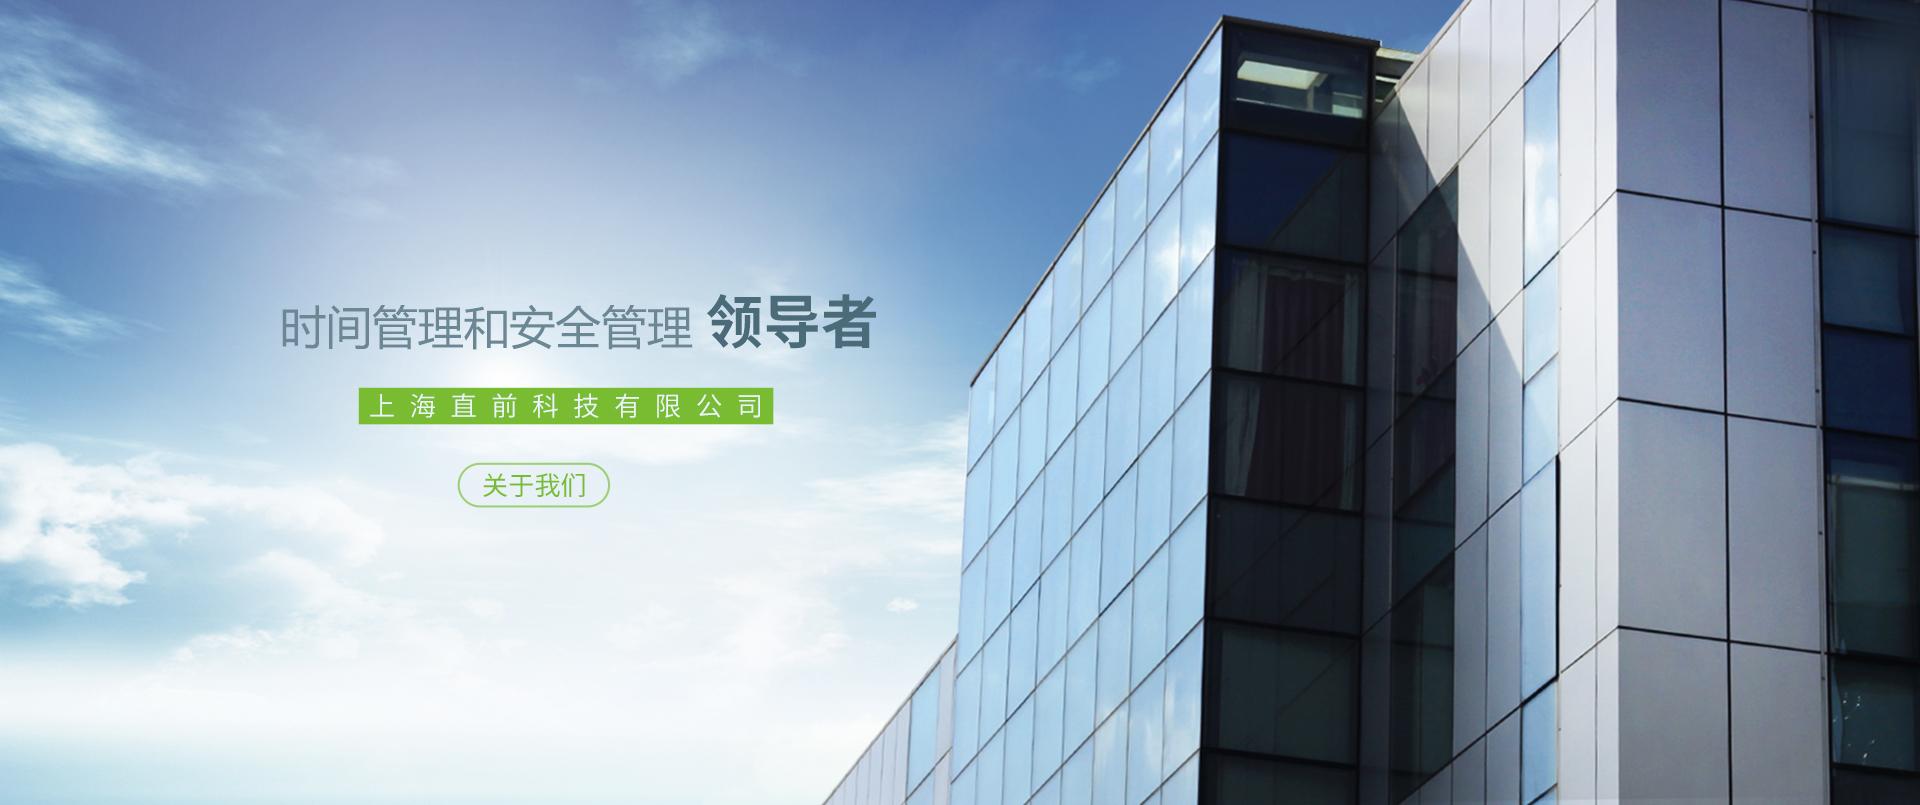 E世博app一卡通_上海直前智能科技有限公司